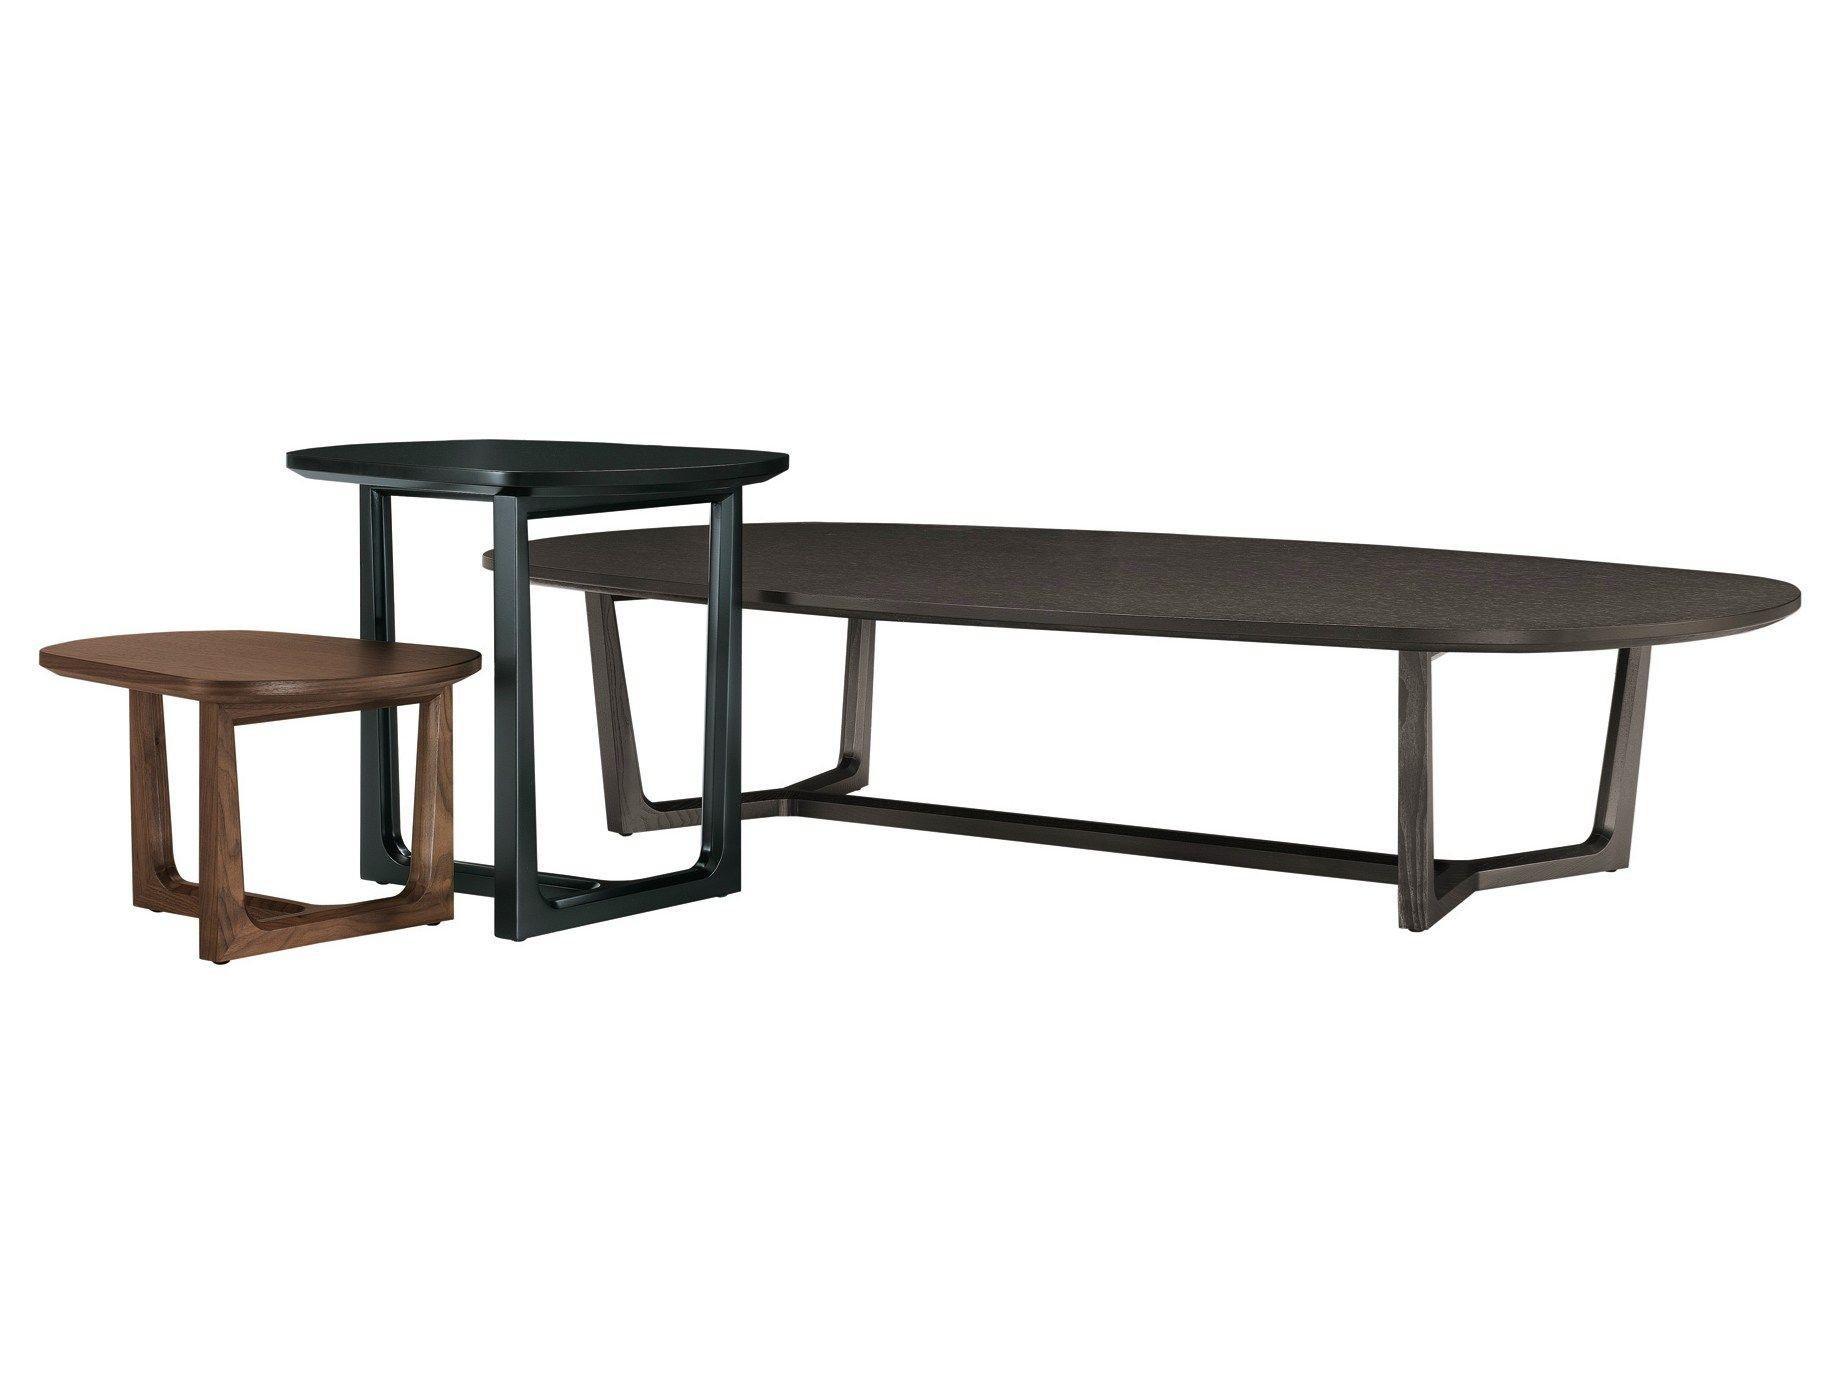 table basse ovale en bois de salon tridente by poliform design emmanuel gallina. Black Bedroom Furniture Sets. Home Design Ideas